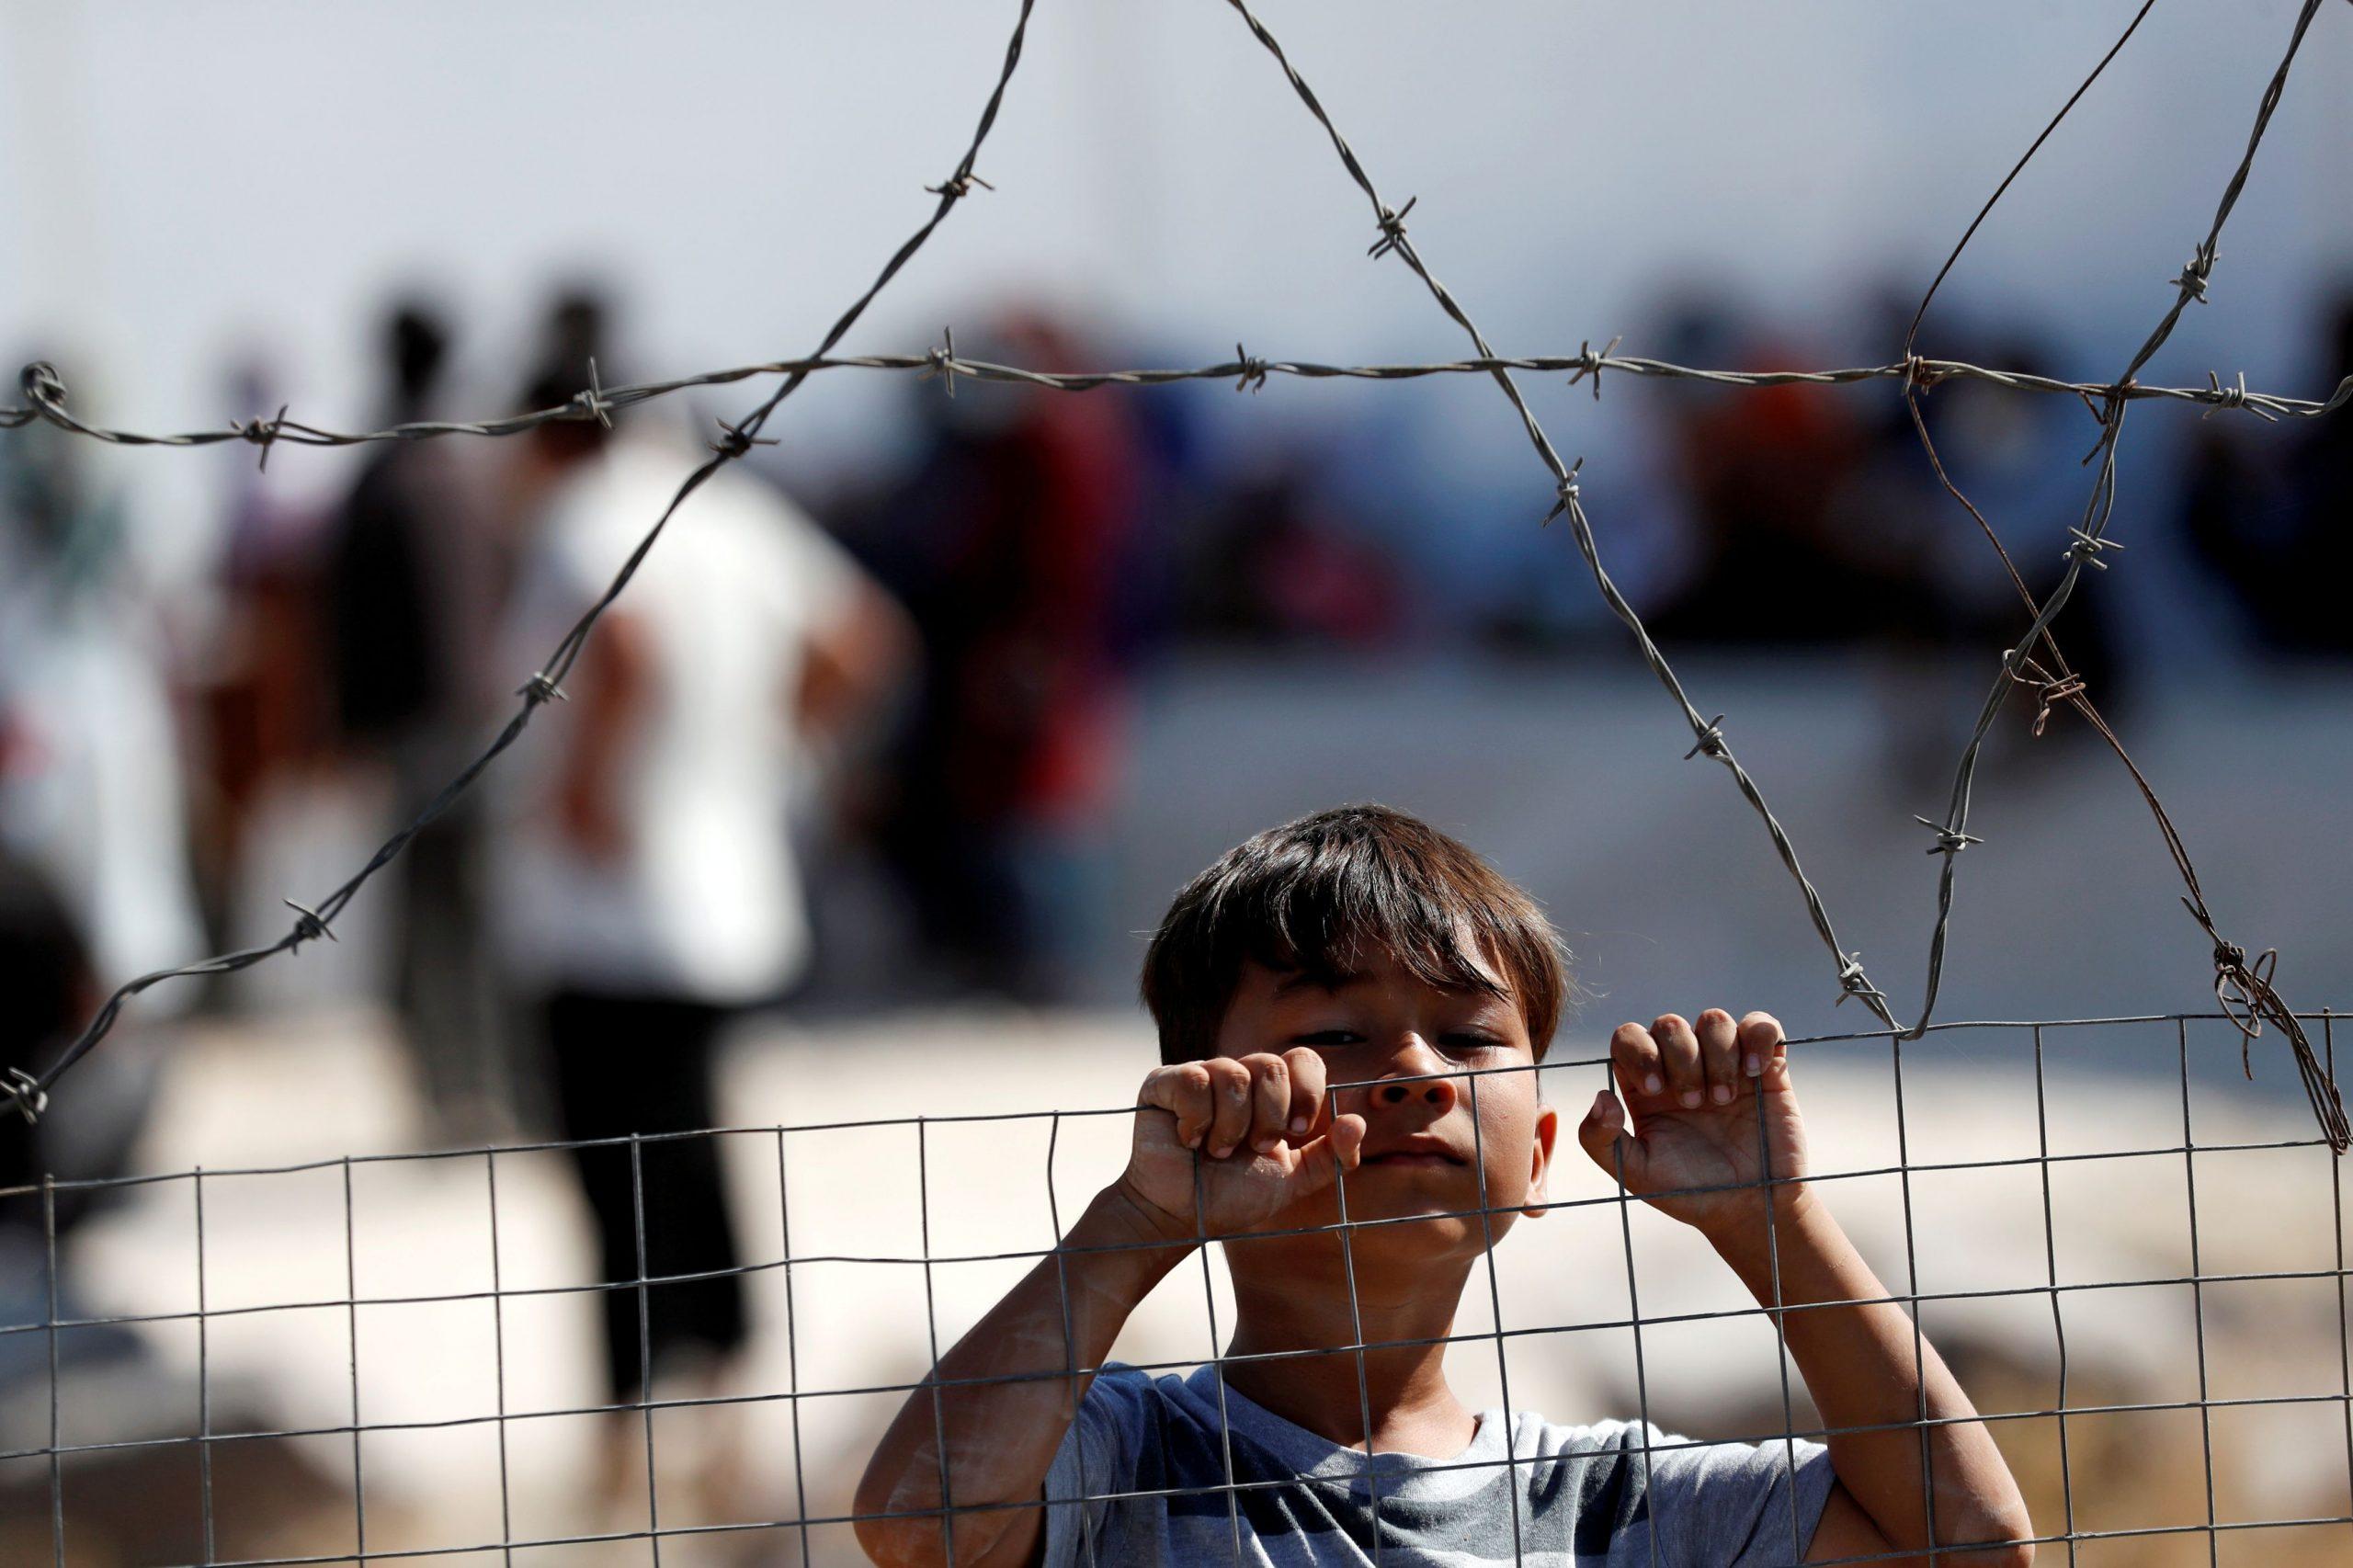 Hoće li nova pravila spriječiti humanitarne katastrofe, poput one na Lezbosu? / Reuters